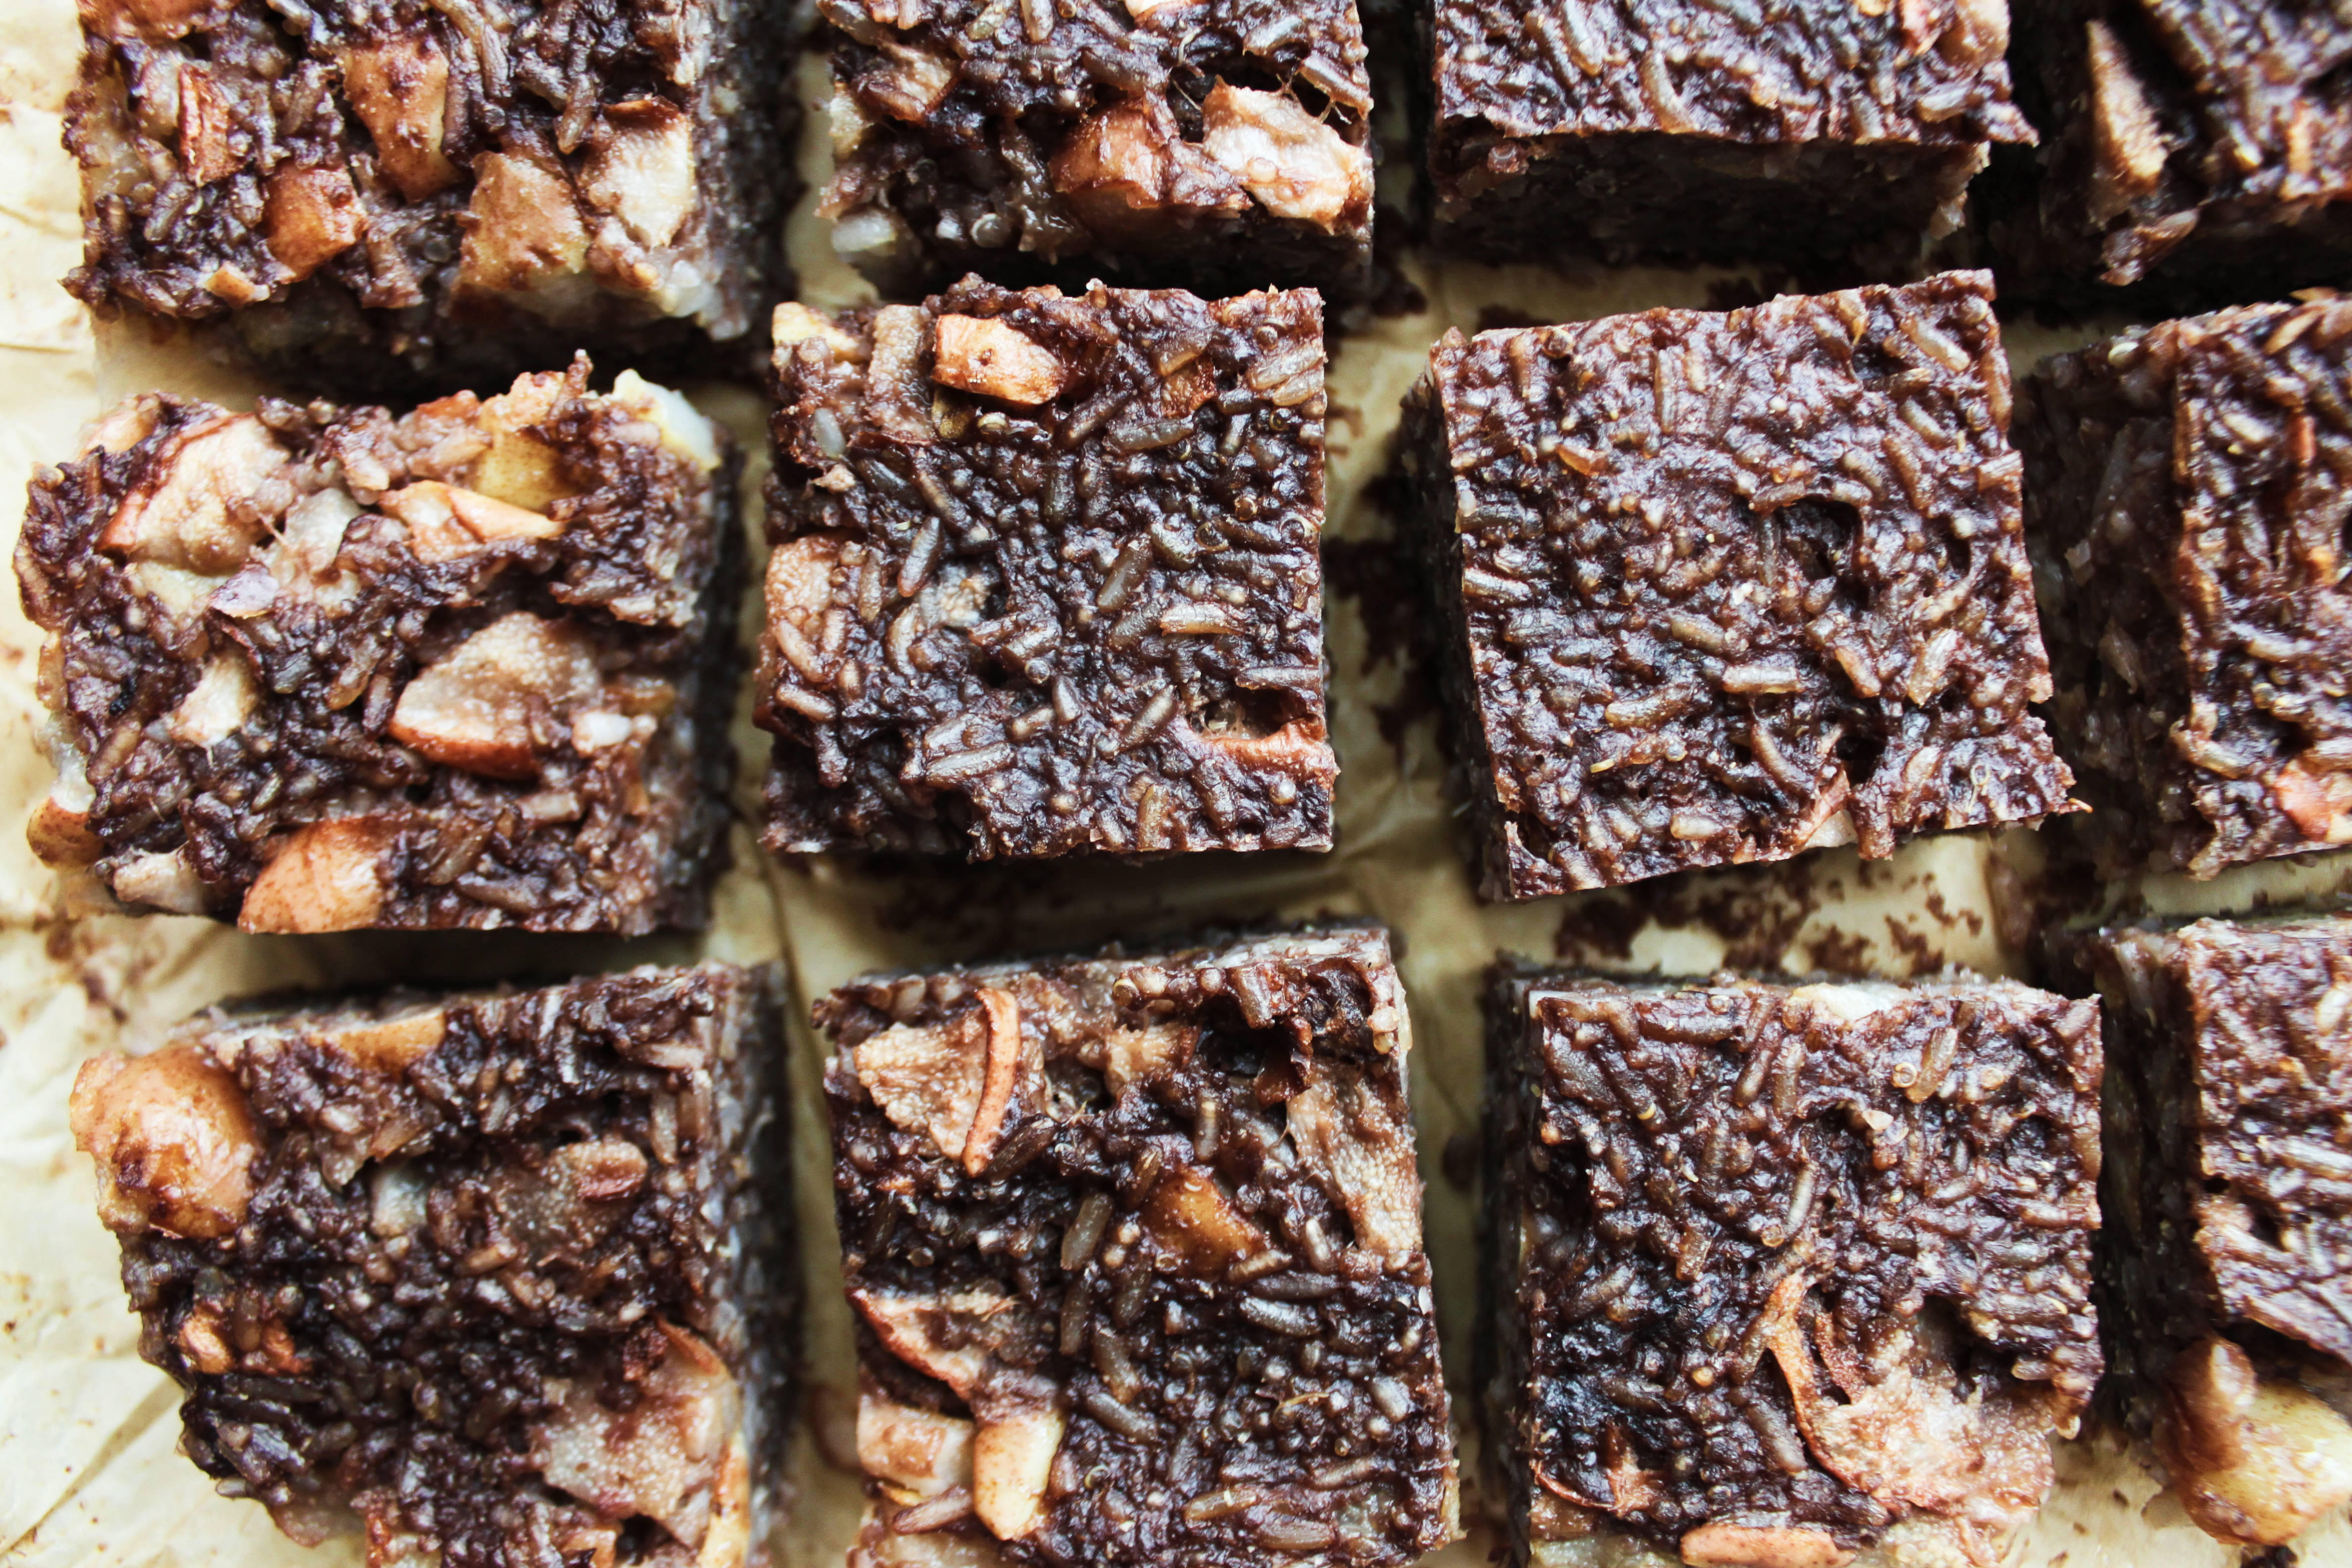 przepis na bezglutenowe czekoladowe ciasto ryżowe